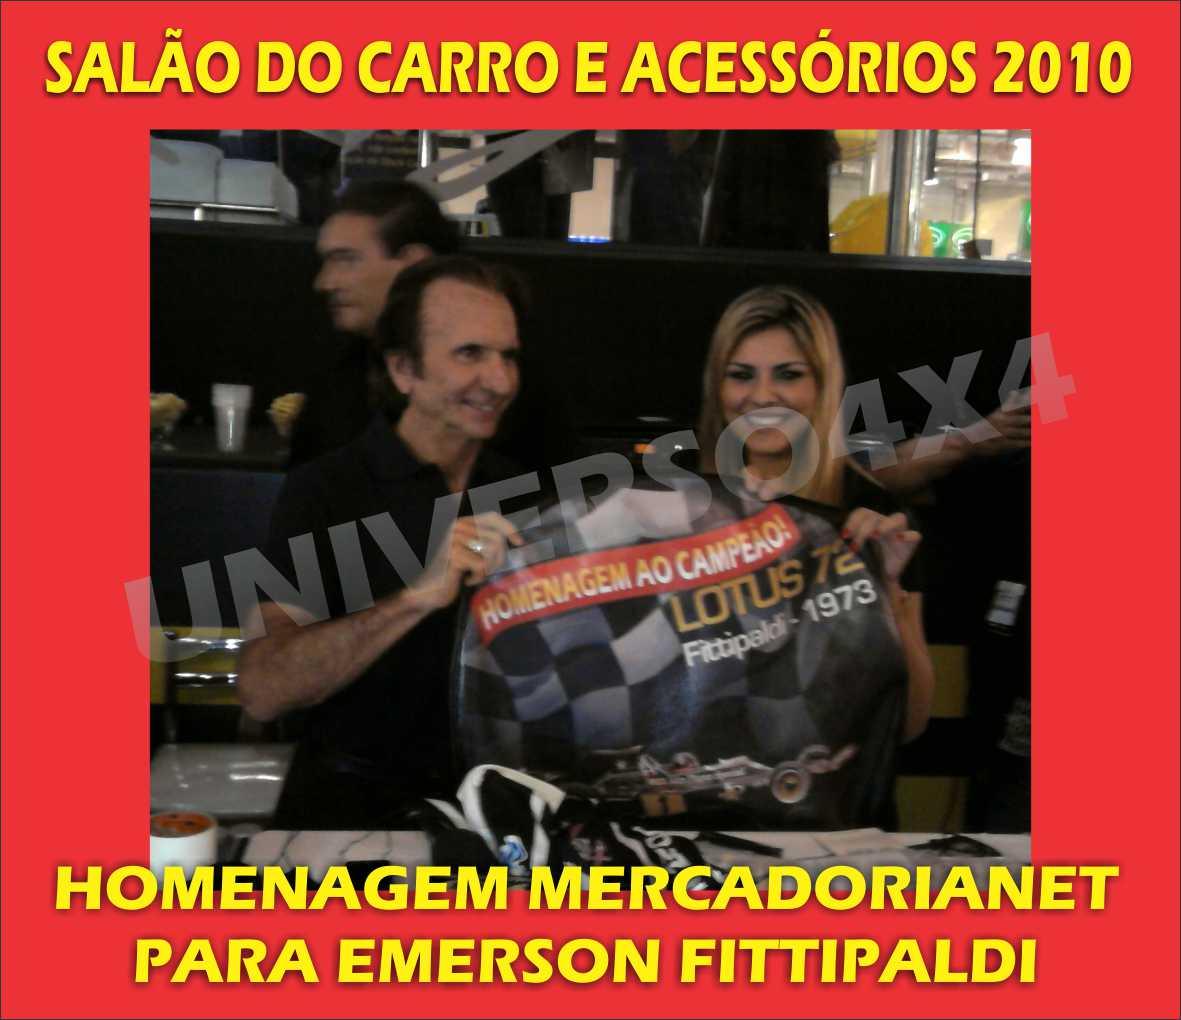 Capa Estepe São Bento 0112